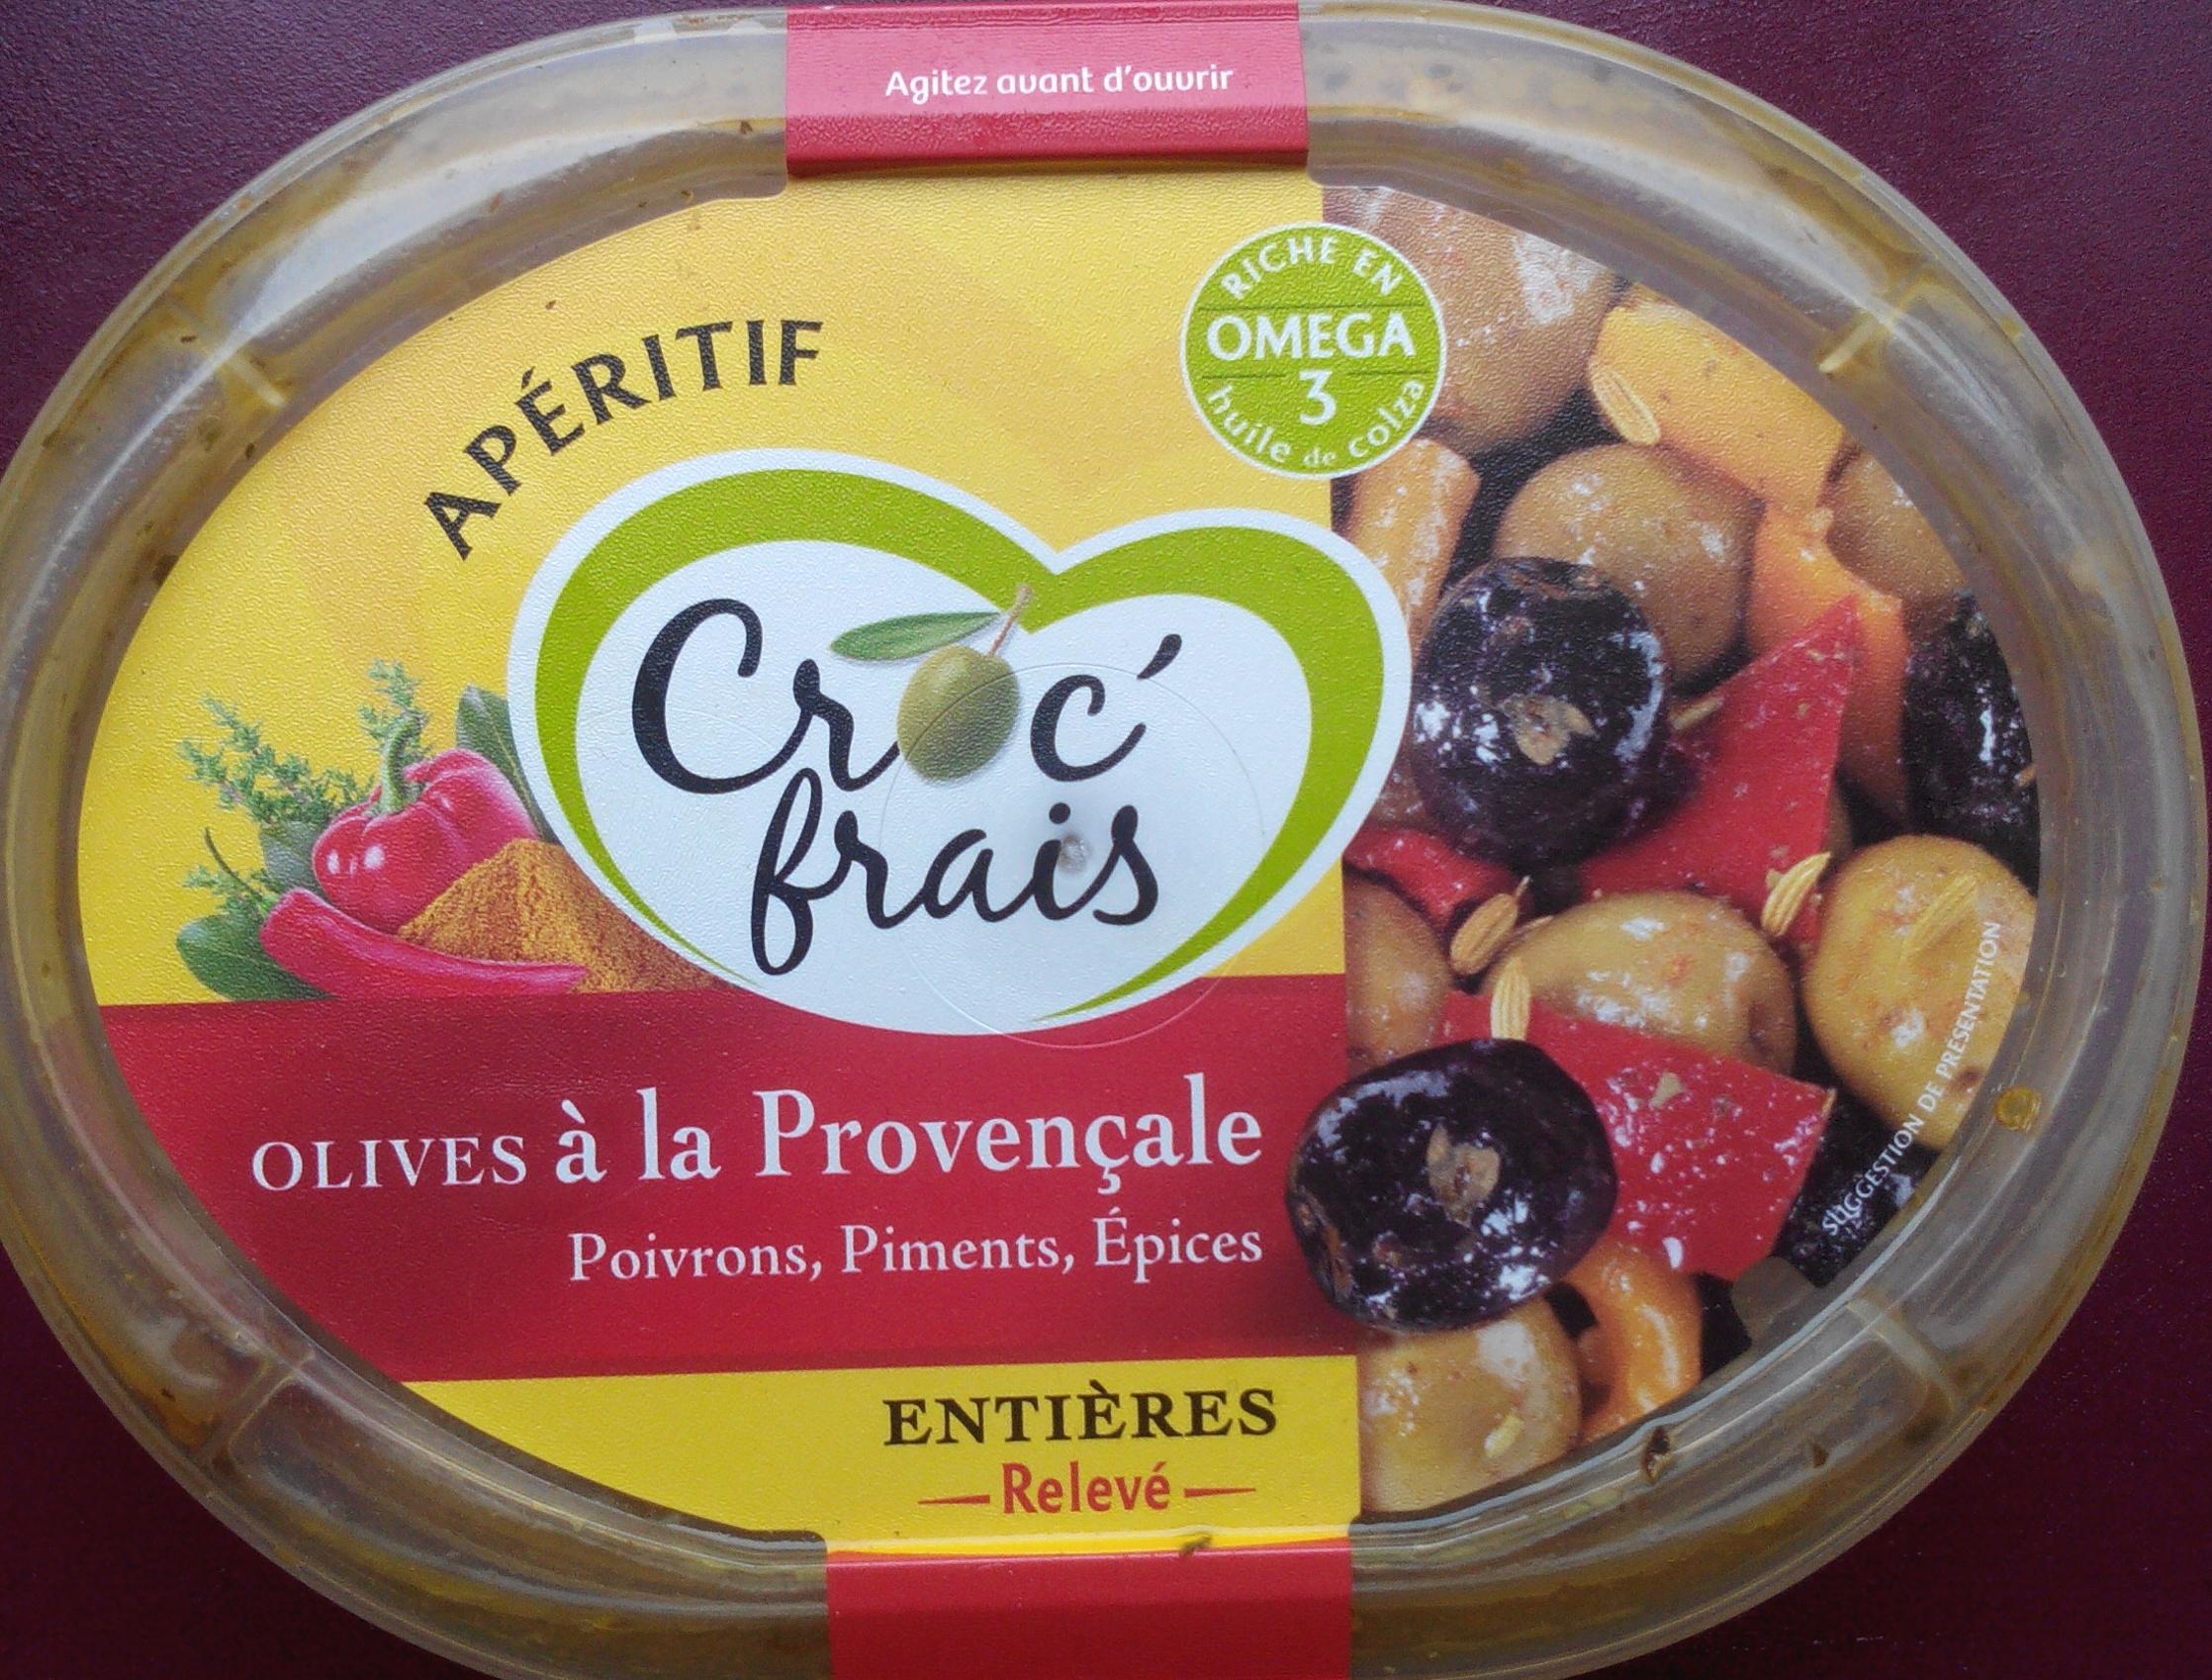 Olives à la Provençale entières - Product - fr